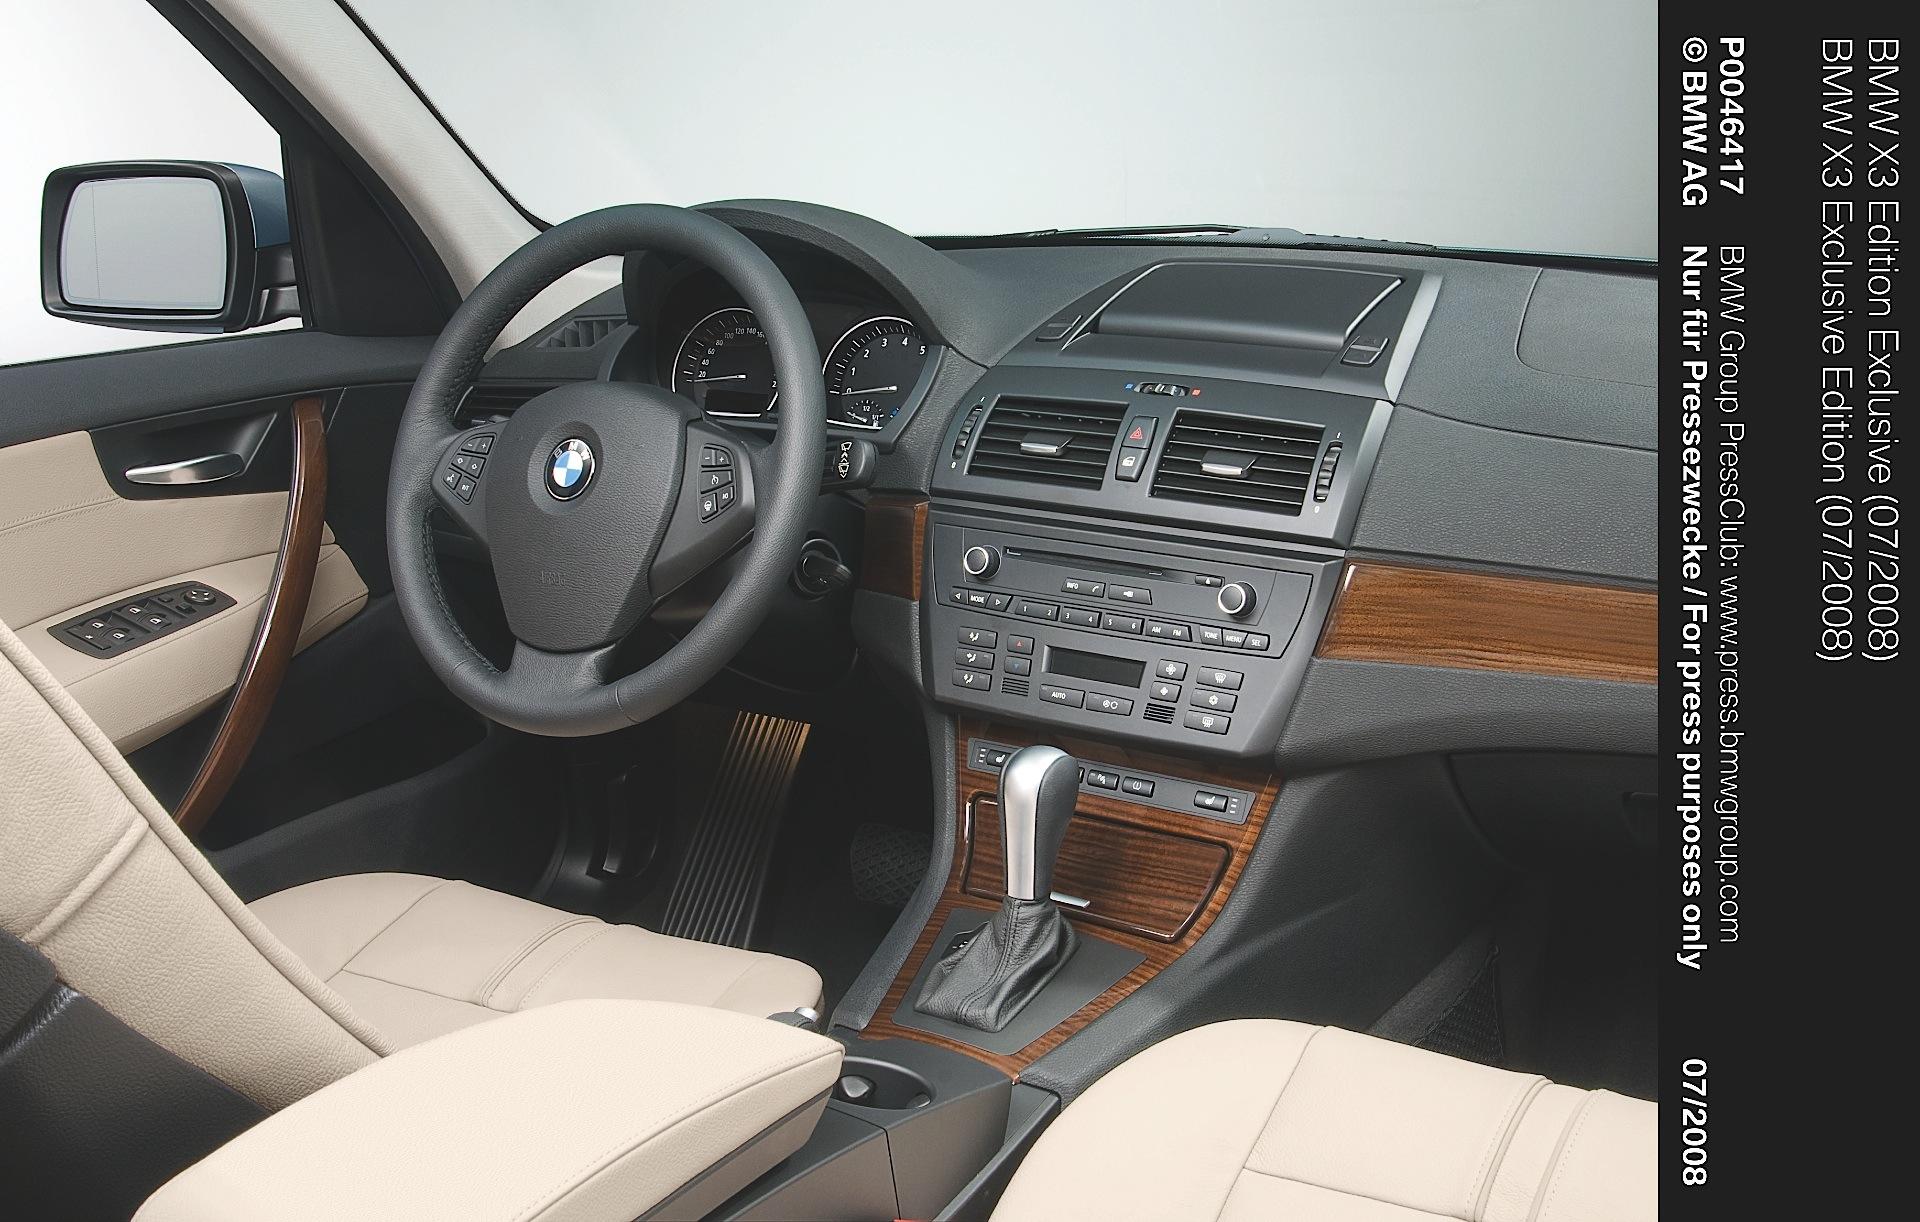 Bmw X3 E83 Spezifikationen Fotos 2007 2008 2009 2010 Autoevolution In Deutscher Sprache